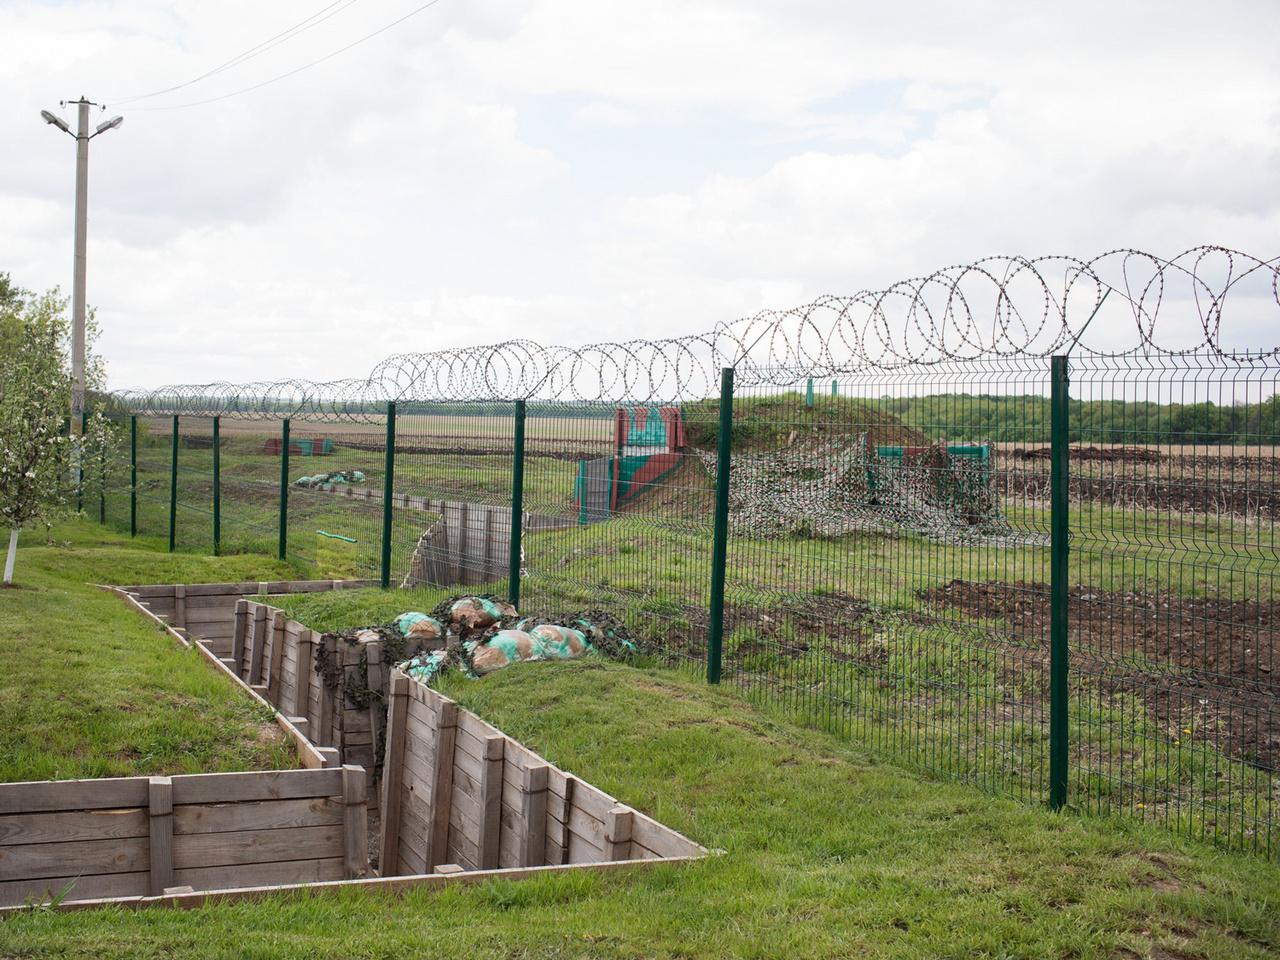 Ukrán határkerítés Zsuravjlovka közelében Ukrajna és Oroszország között. A 2014-ben a kelet-ukrajnai, oroszpárti szakadárokkal kitört konfliktusban jelentette be a kijevi vezetés, hogy kerítést építene a határra. Eredetileg 2000 km hosszan tervezték a határzárat. Ez eddig egy 17 km-es szakaszon valósult meg. Moszkva pedig 2018 végén jelentette be, hogy 60 km-en húzott fel kerítést az egyoldalúan elcsatolt Krím félsziget északi részére.